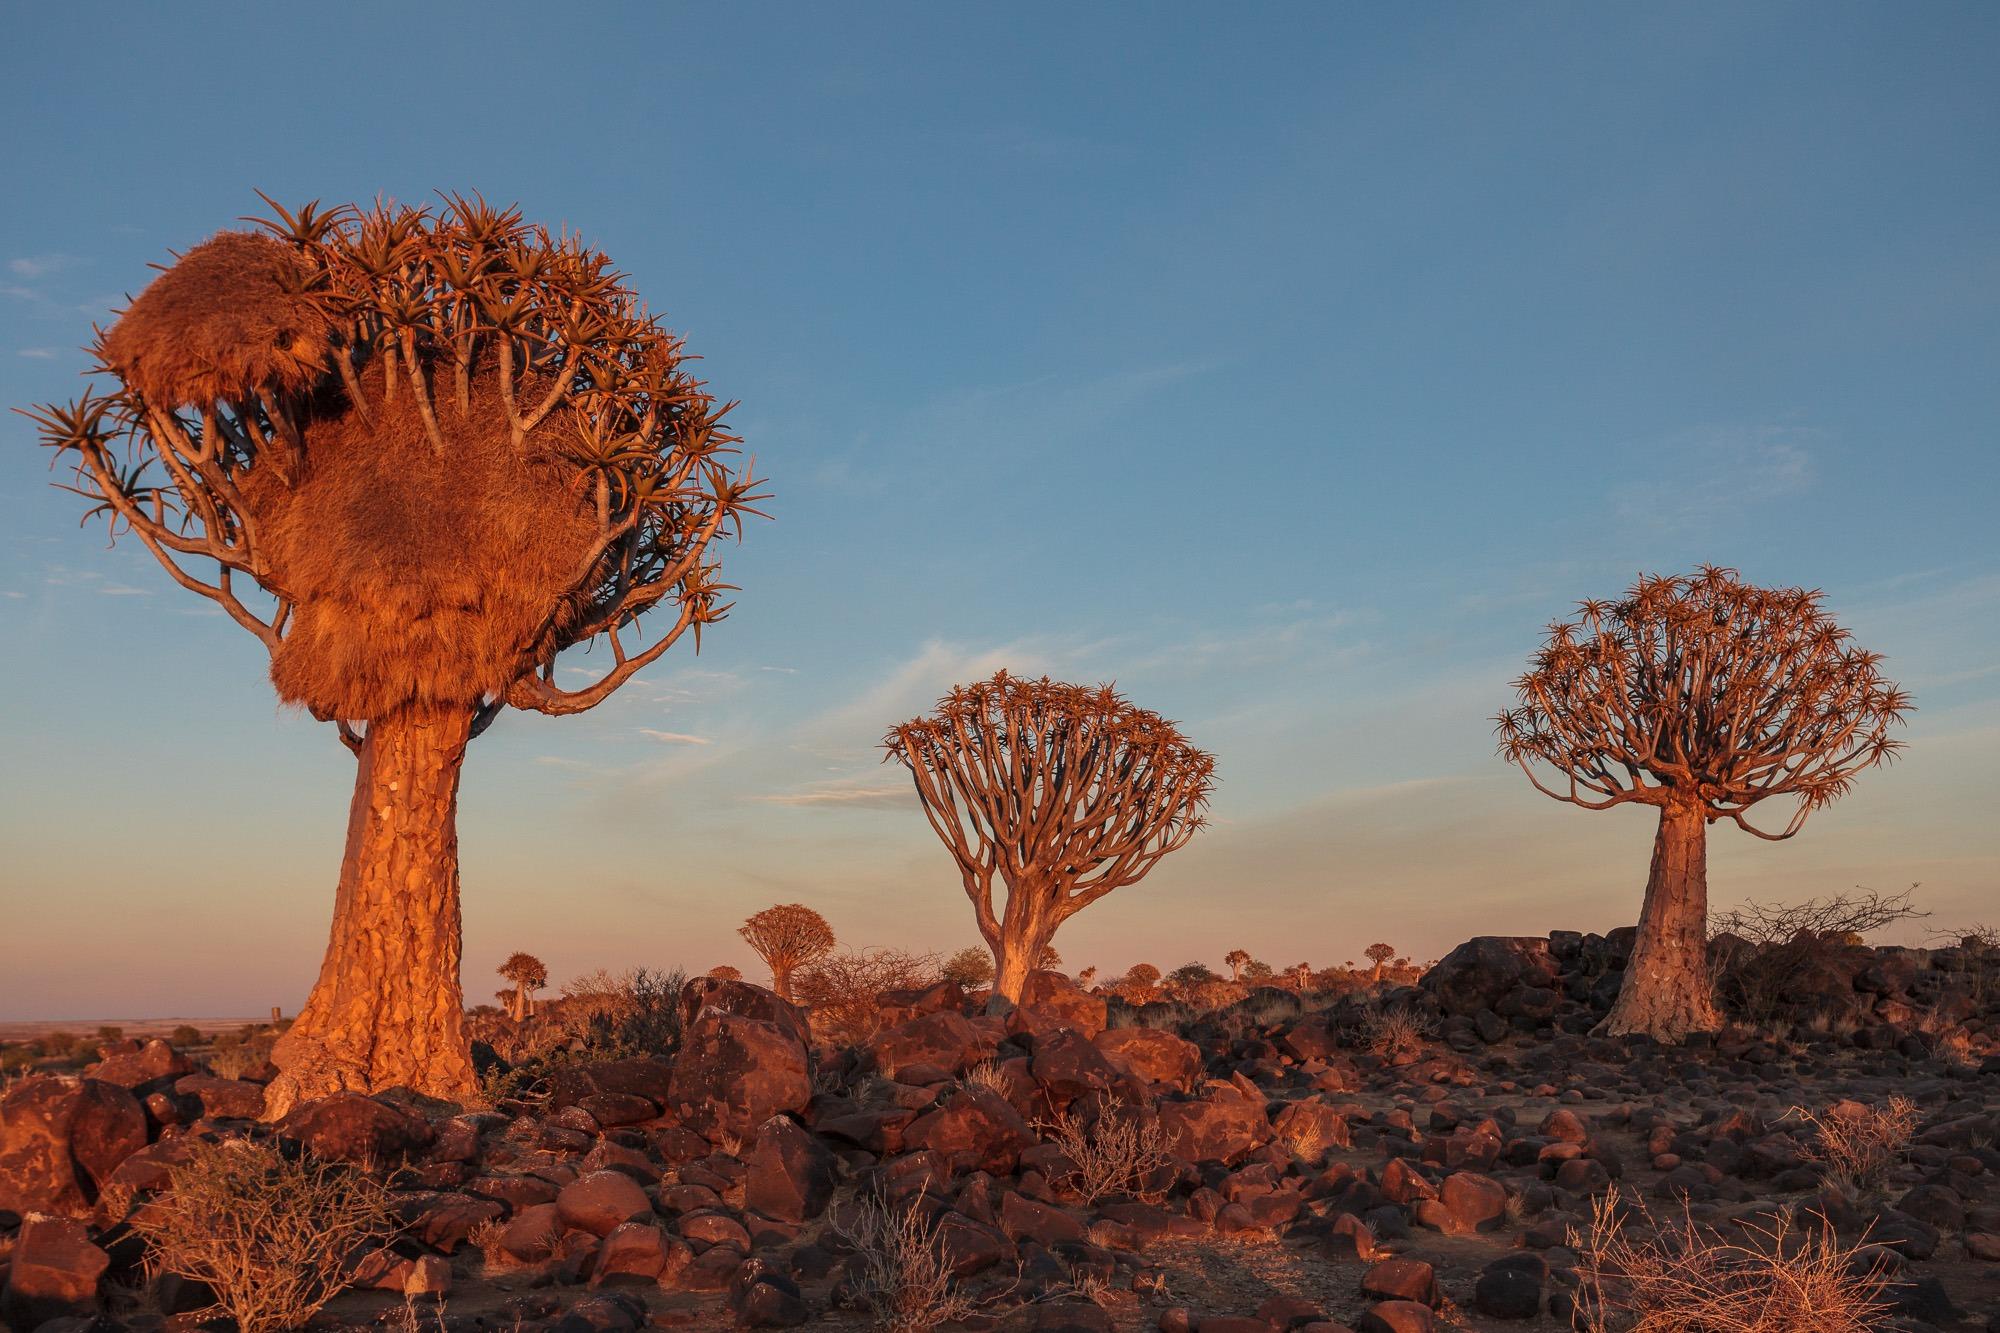 Sonnenaufgang im Köcherbaumwald Quiver Tree Forest in Namibia mit orangenem Licht